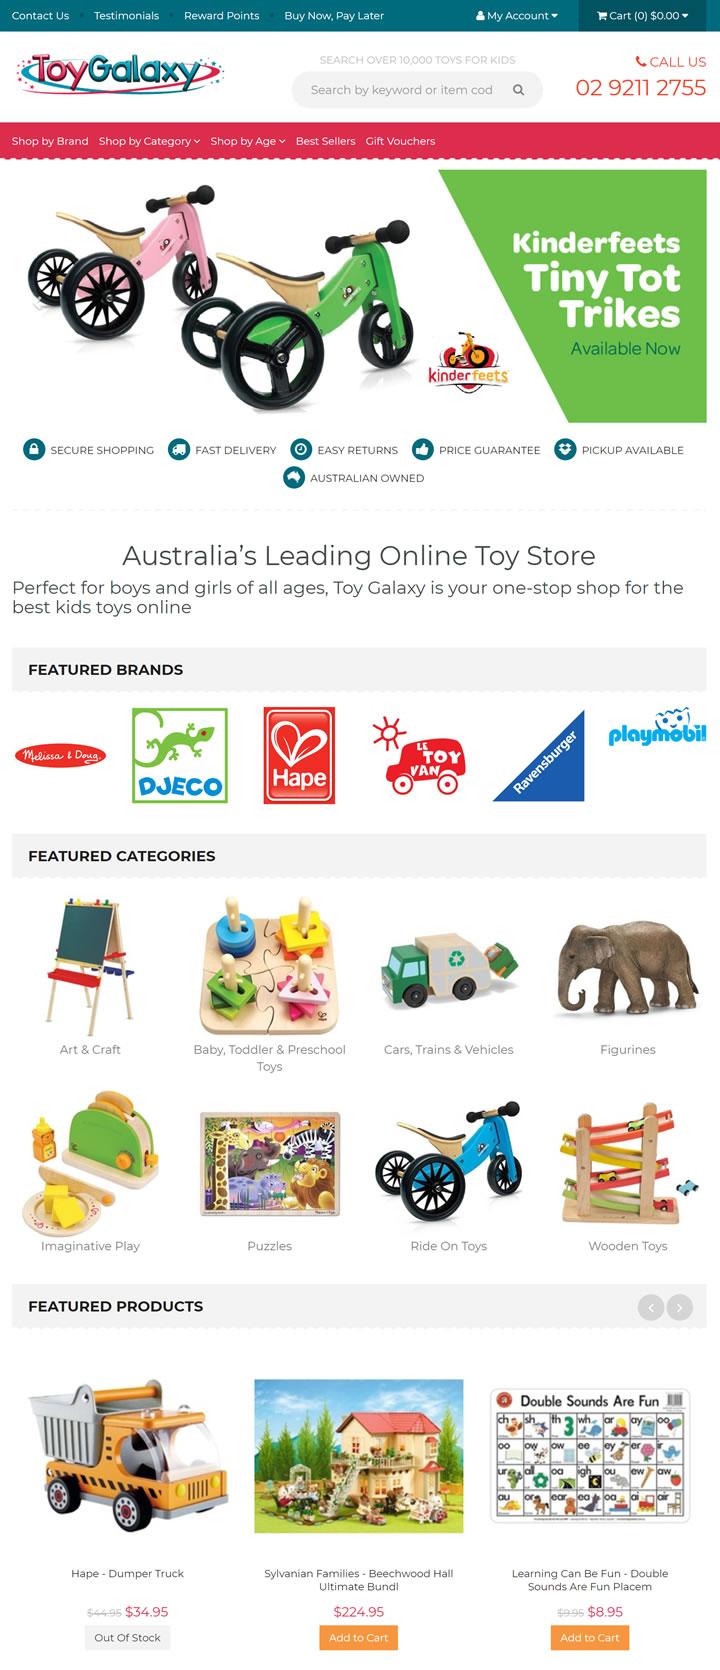 澳大利亚排名第一的儿童在线玩具商店:Toy Galaxy